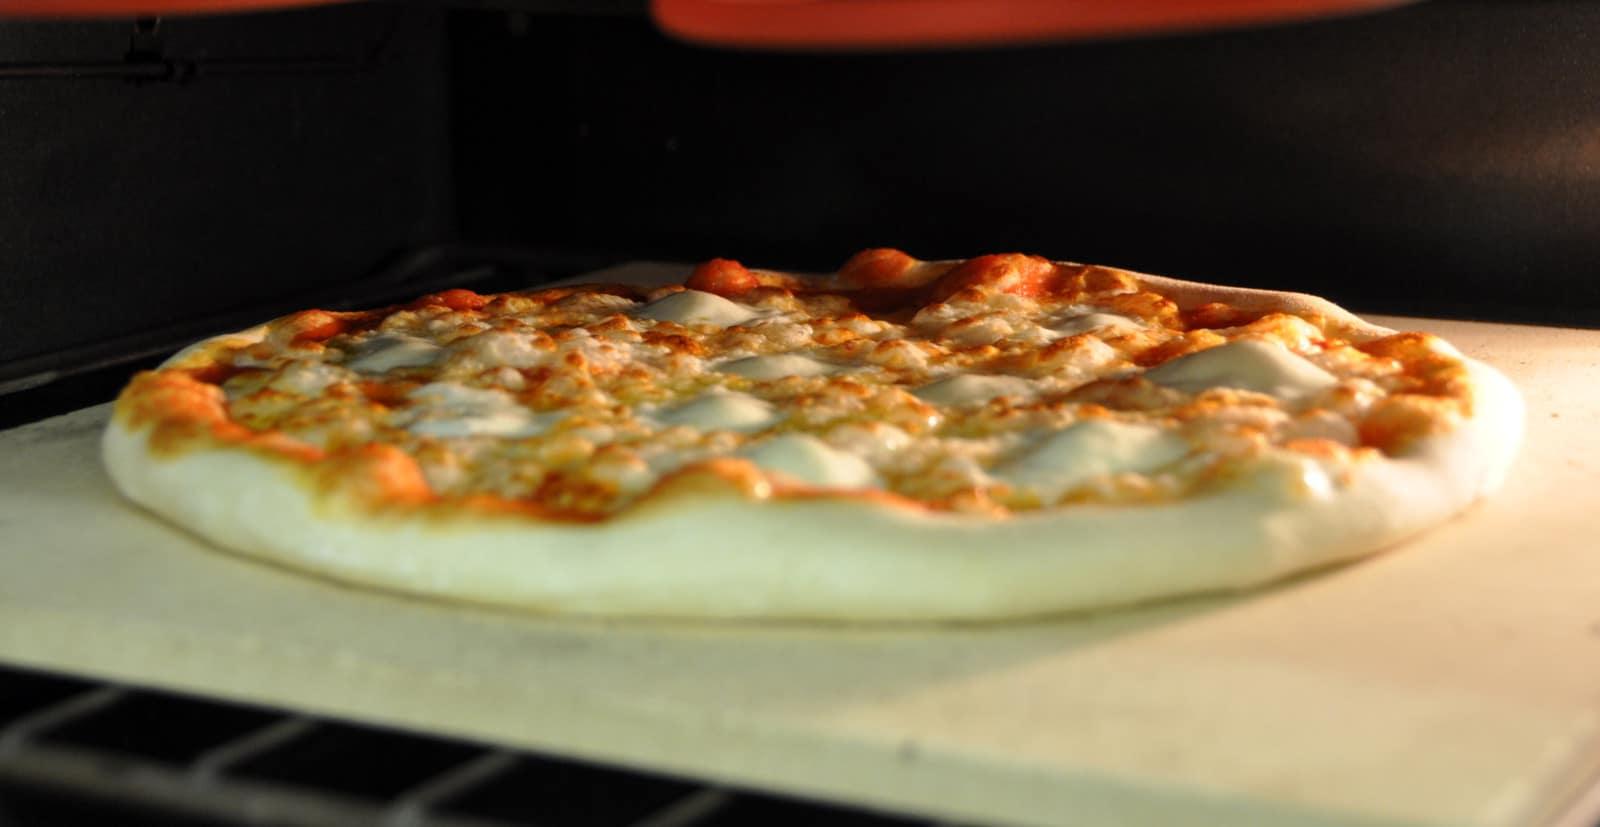 La migliore pietra refrattaria per pizza tecnosfera - Forno con pietra refrattaria ...